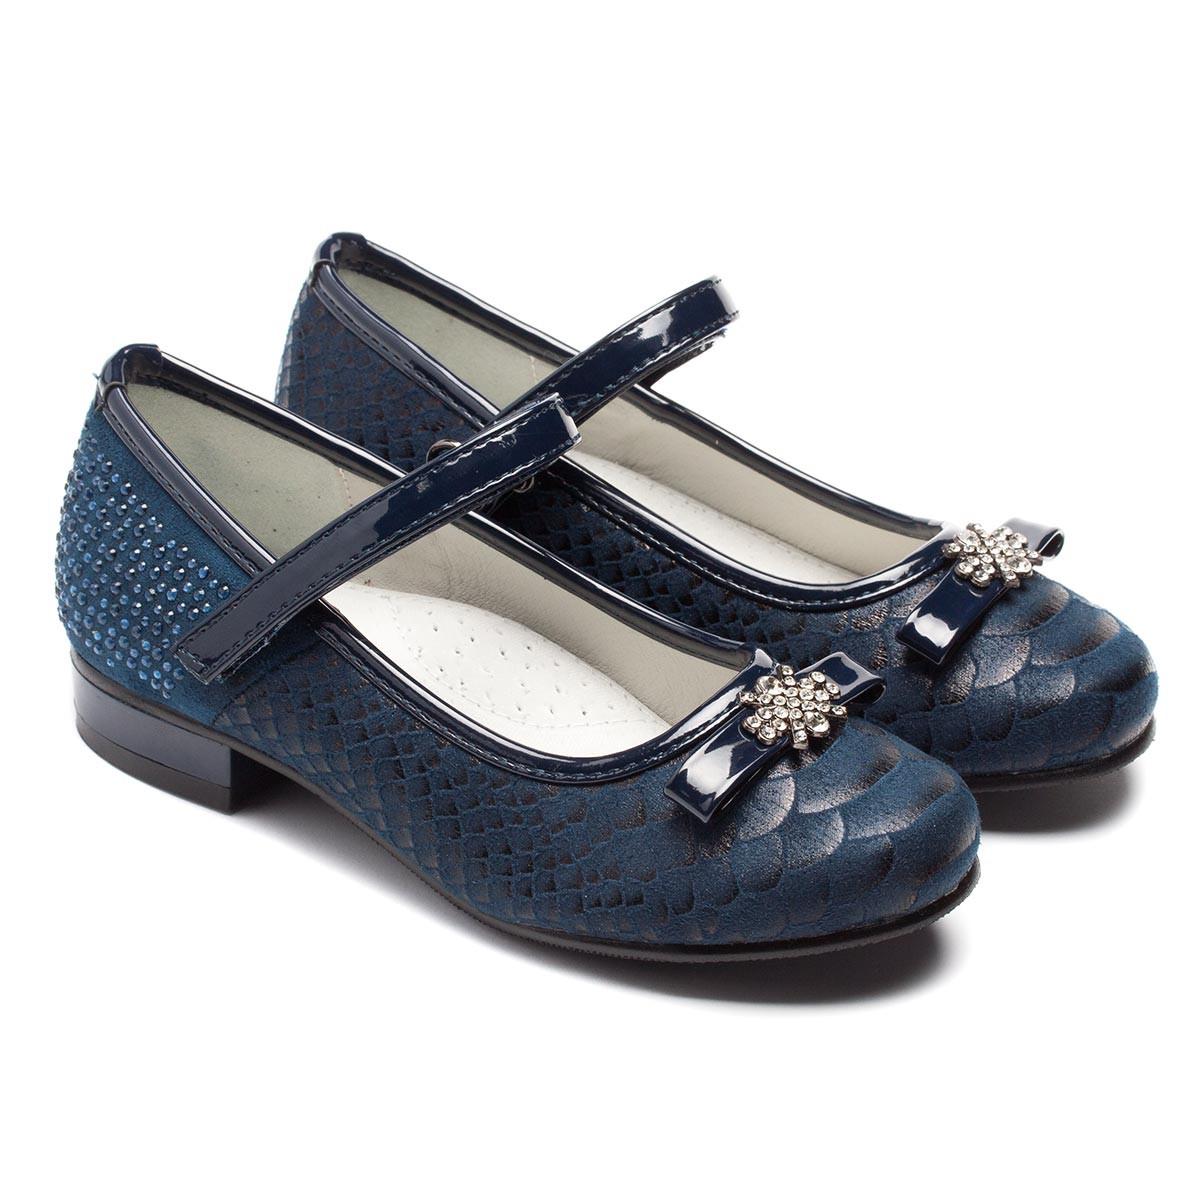 Туфли B&G на каблучке для девочки, синие, размер 28-33